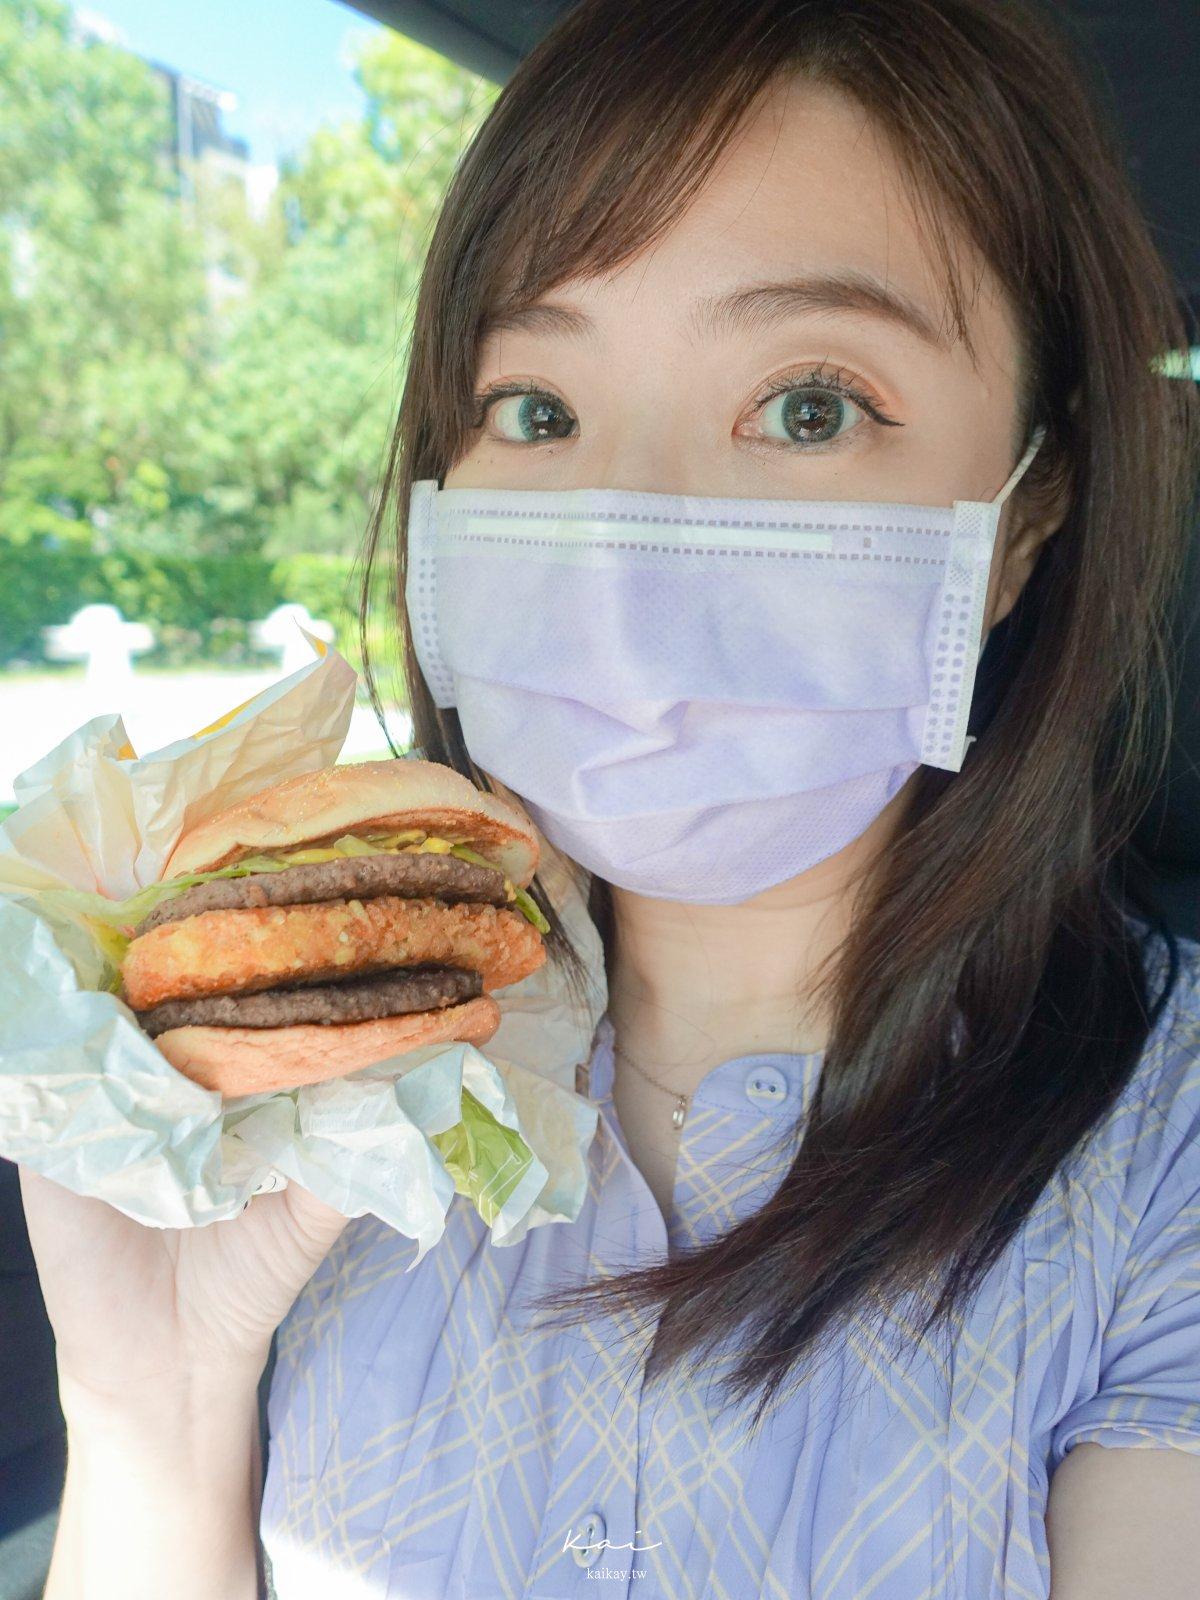 ☆【美食】麥當勞起司脆薯雙牛堡開箱!「大麥克夾薯餅」無誤